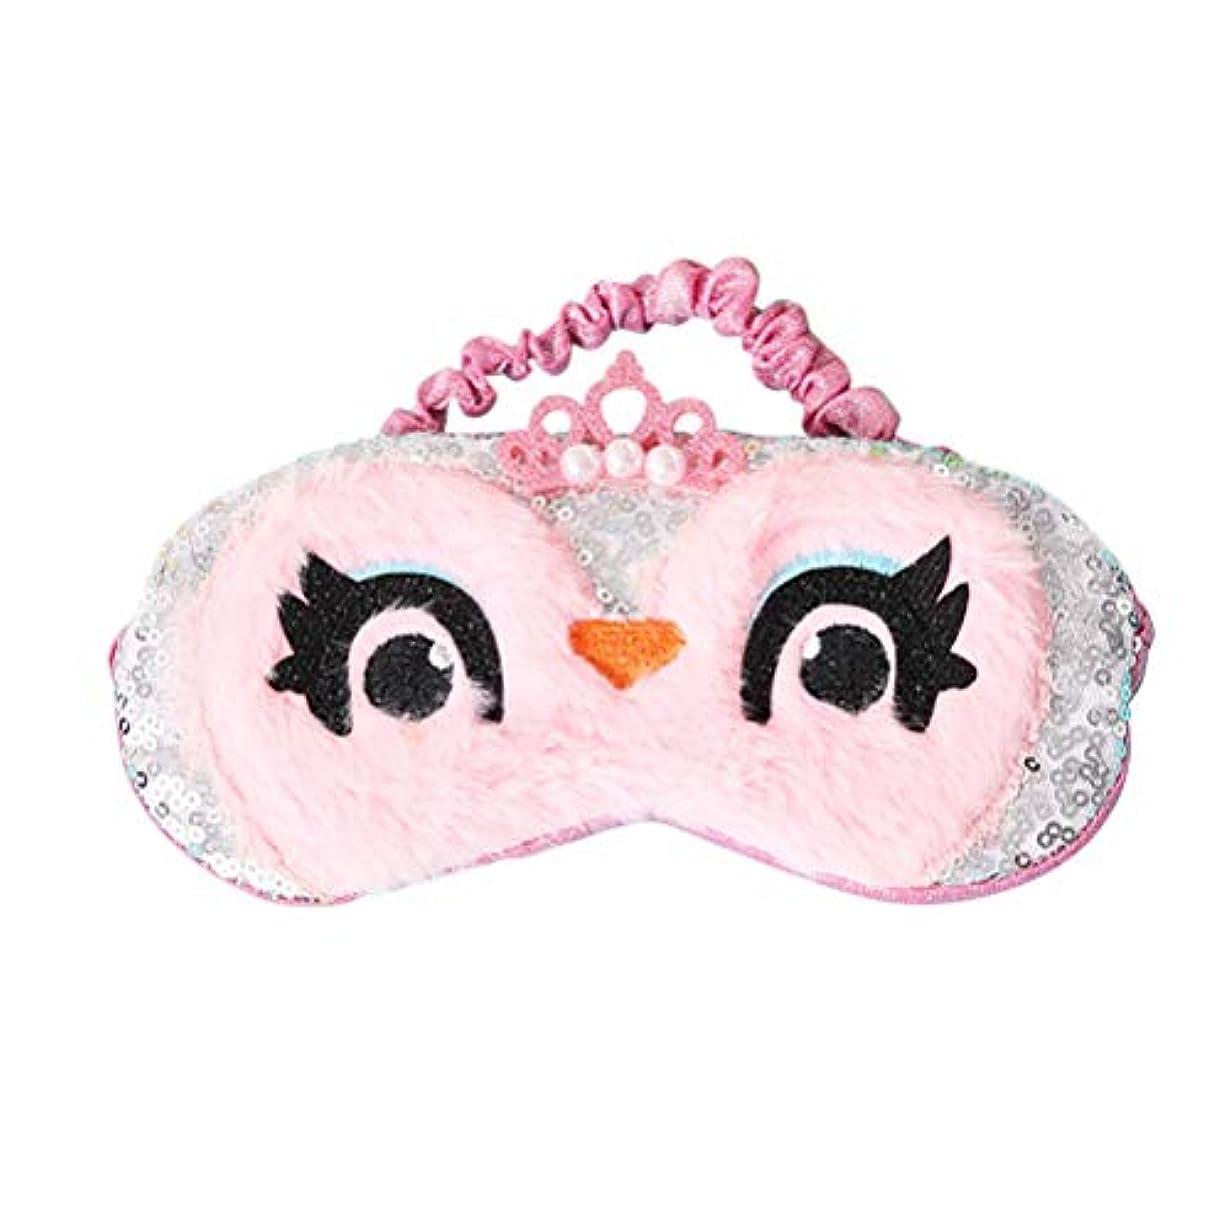 結核急いでシーサイドHealifty アイマスクかわいいぬいぐるみ目隠しアイカバー用女性女の子子供ホームベッド旅行フライトカーキャンプ用(ピンク)